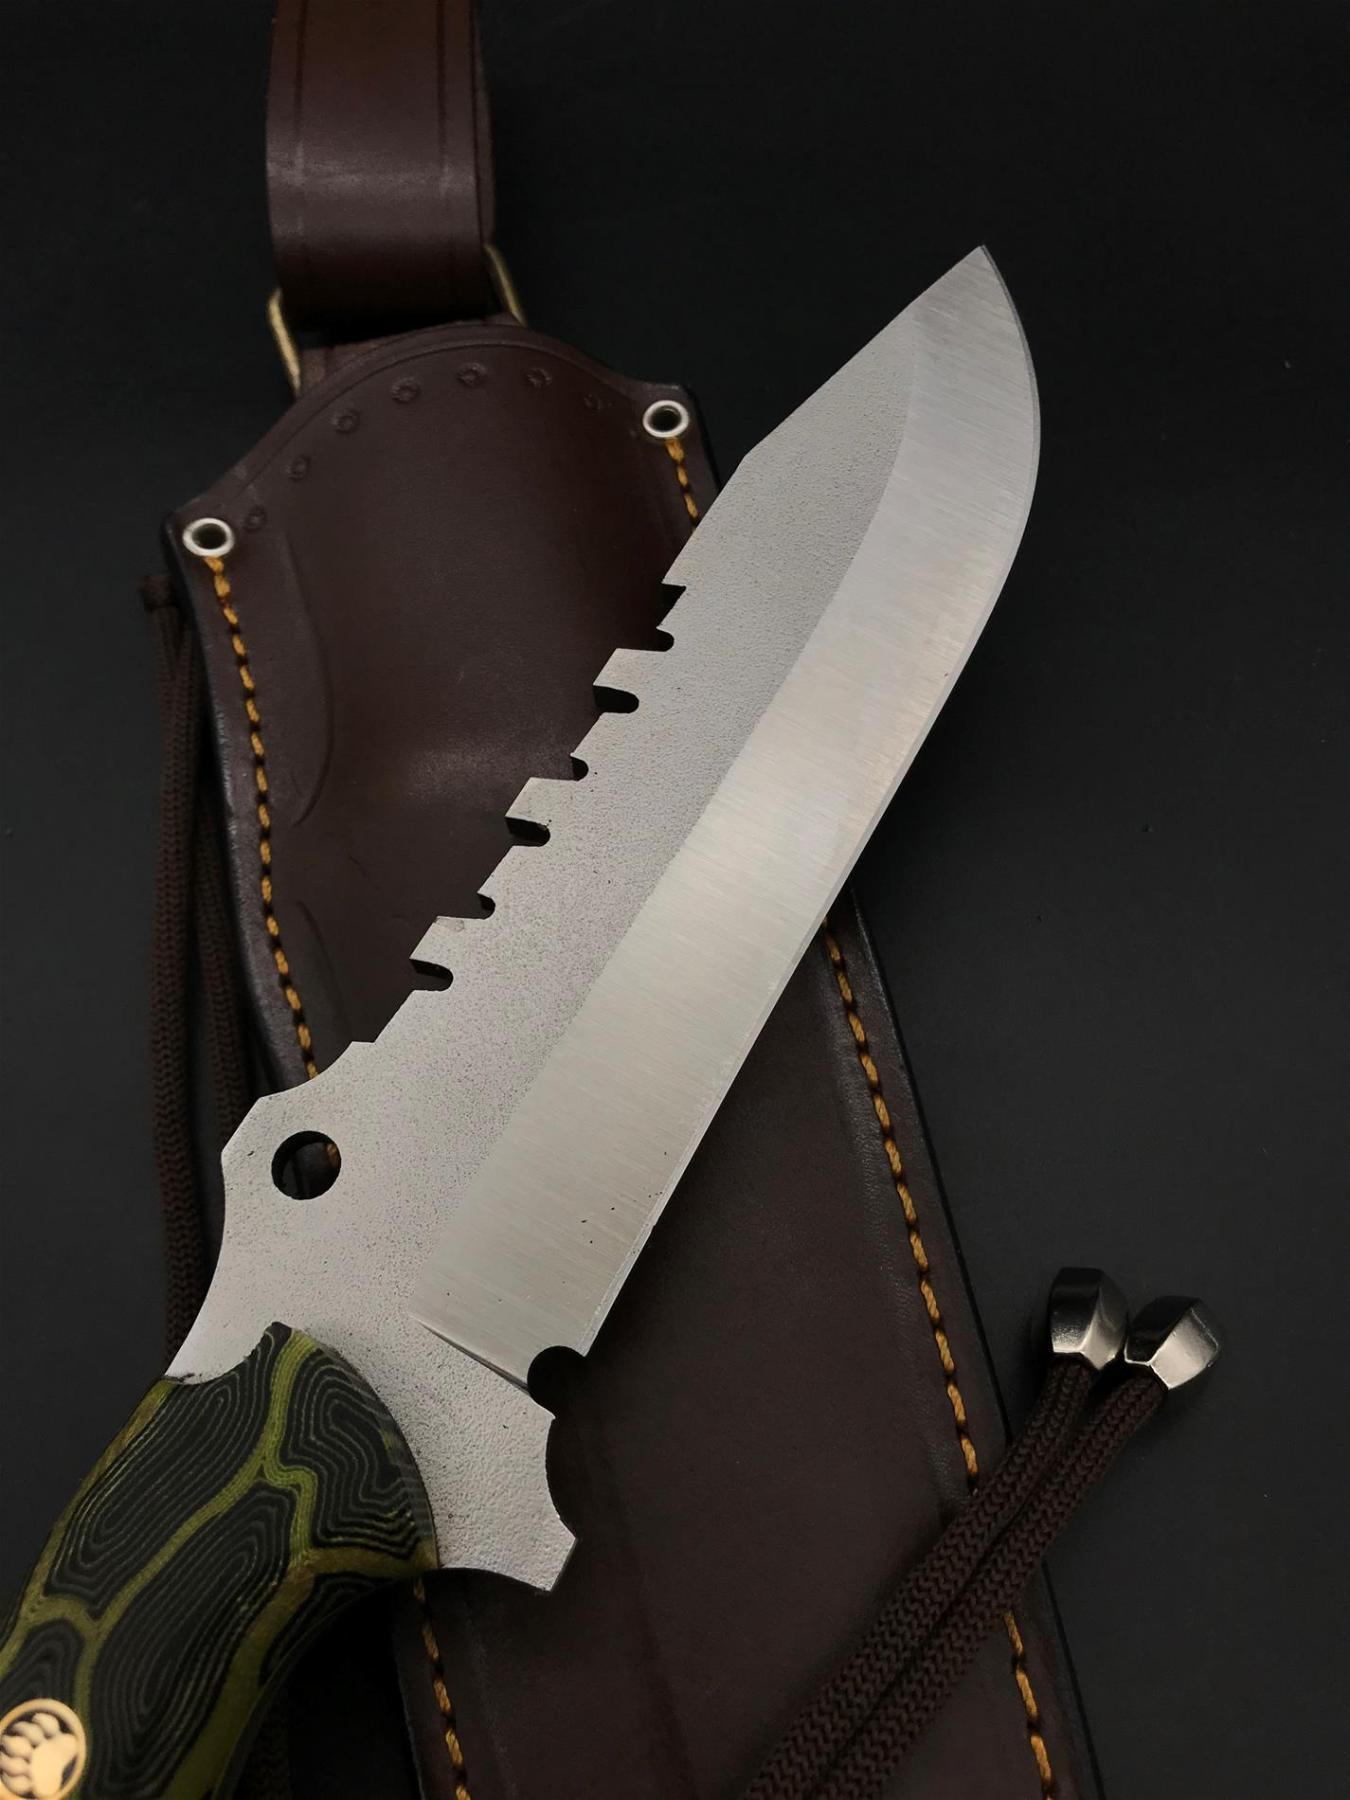 BOHLER N690 Special Design Camping Knife TK14 enlarge